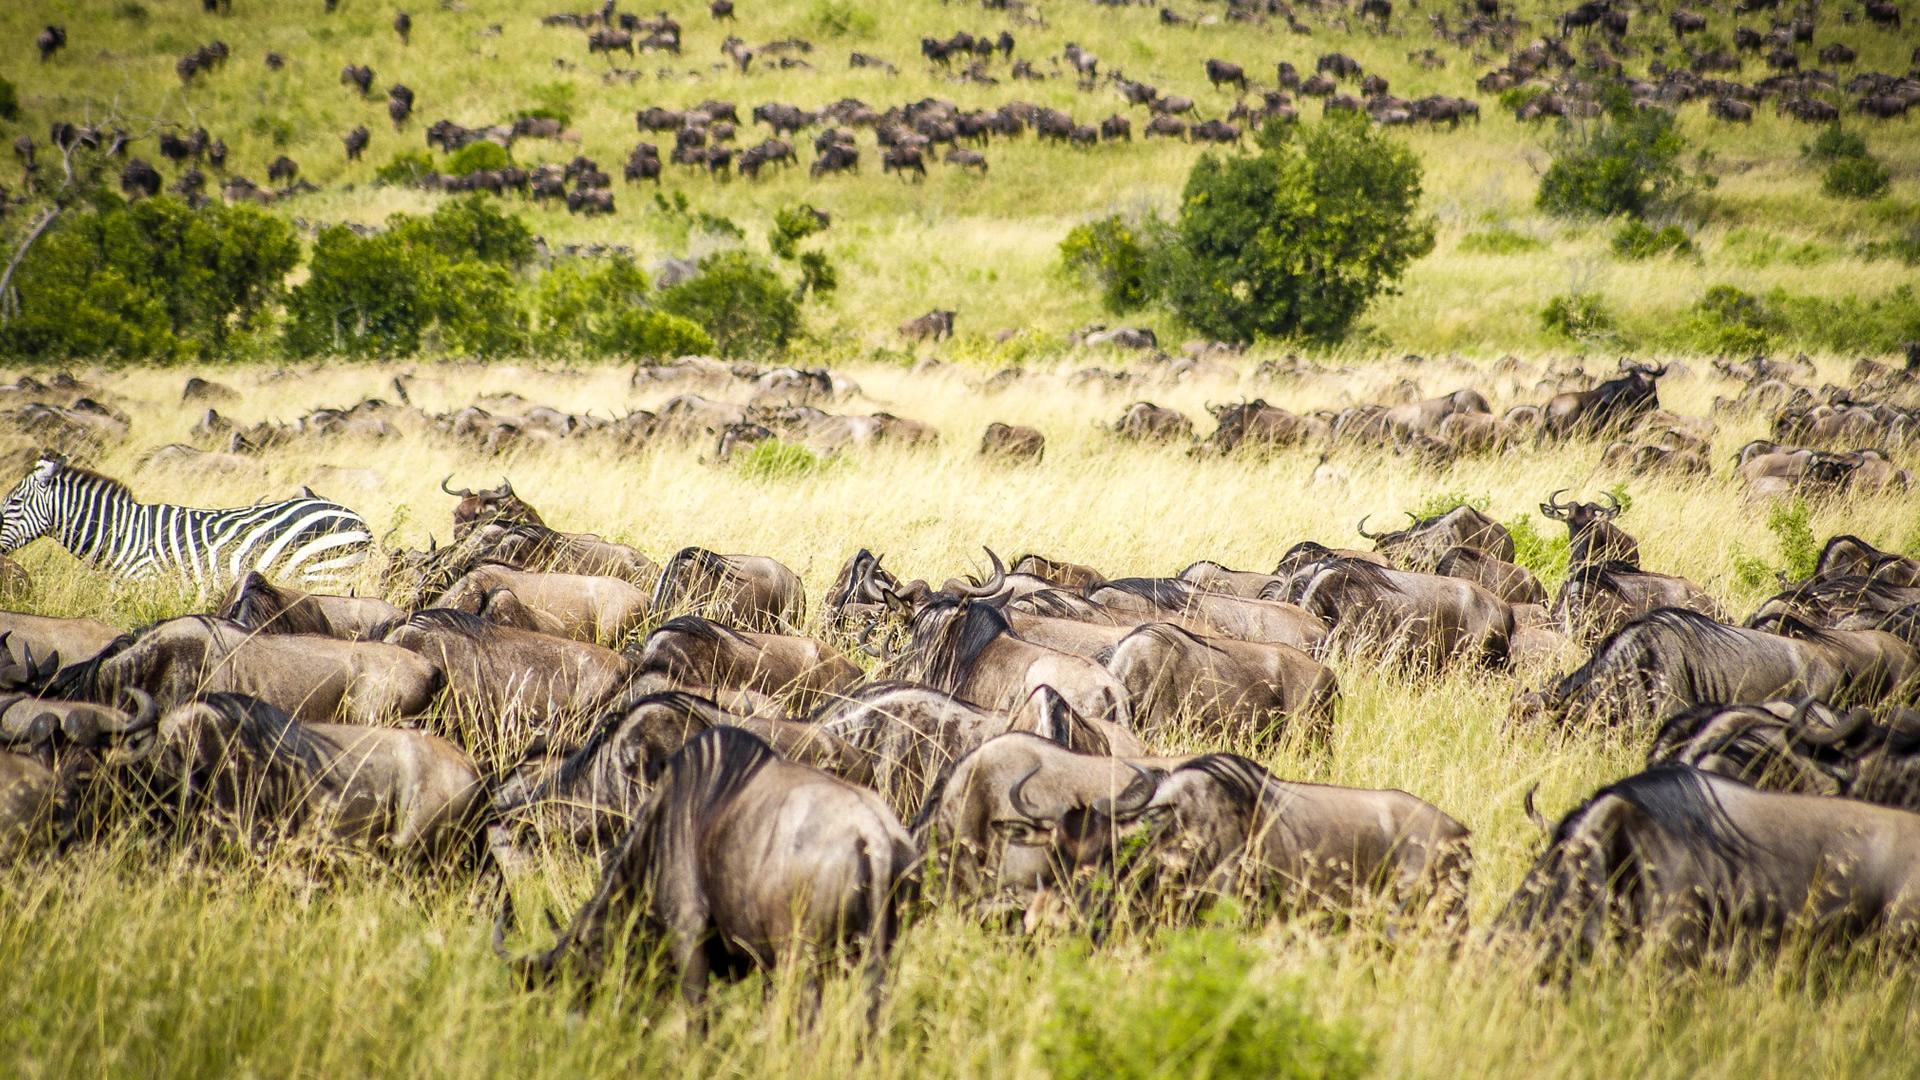 03 Days Lodge Safari in Masai Mara – Affordable